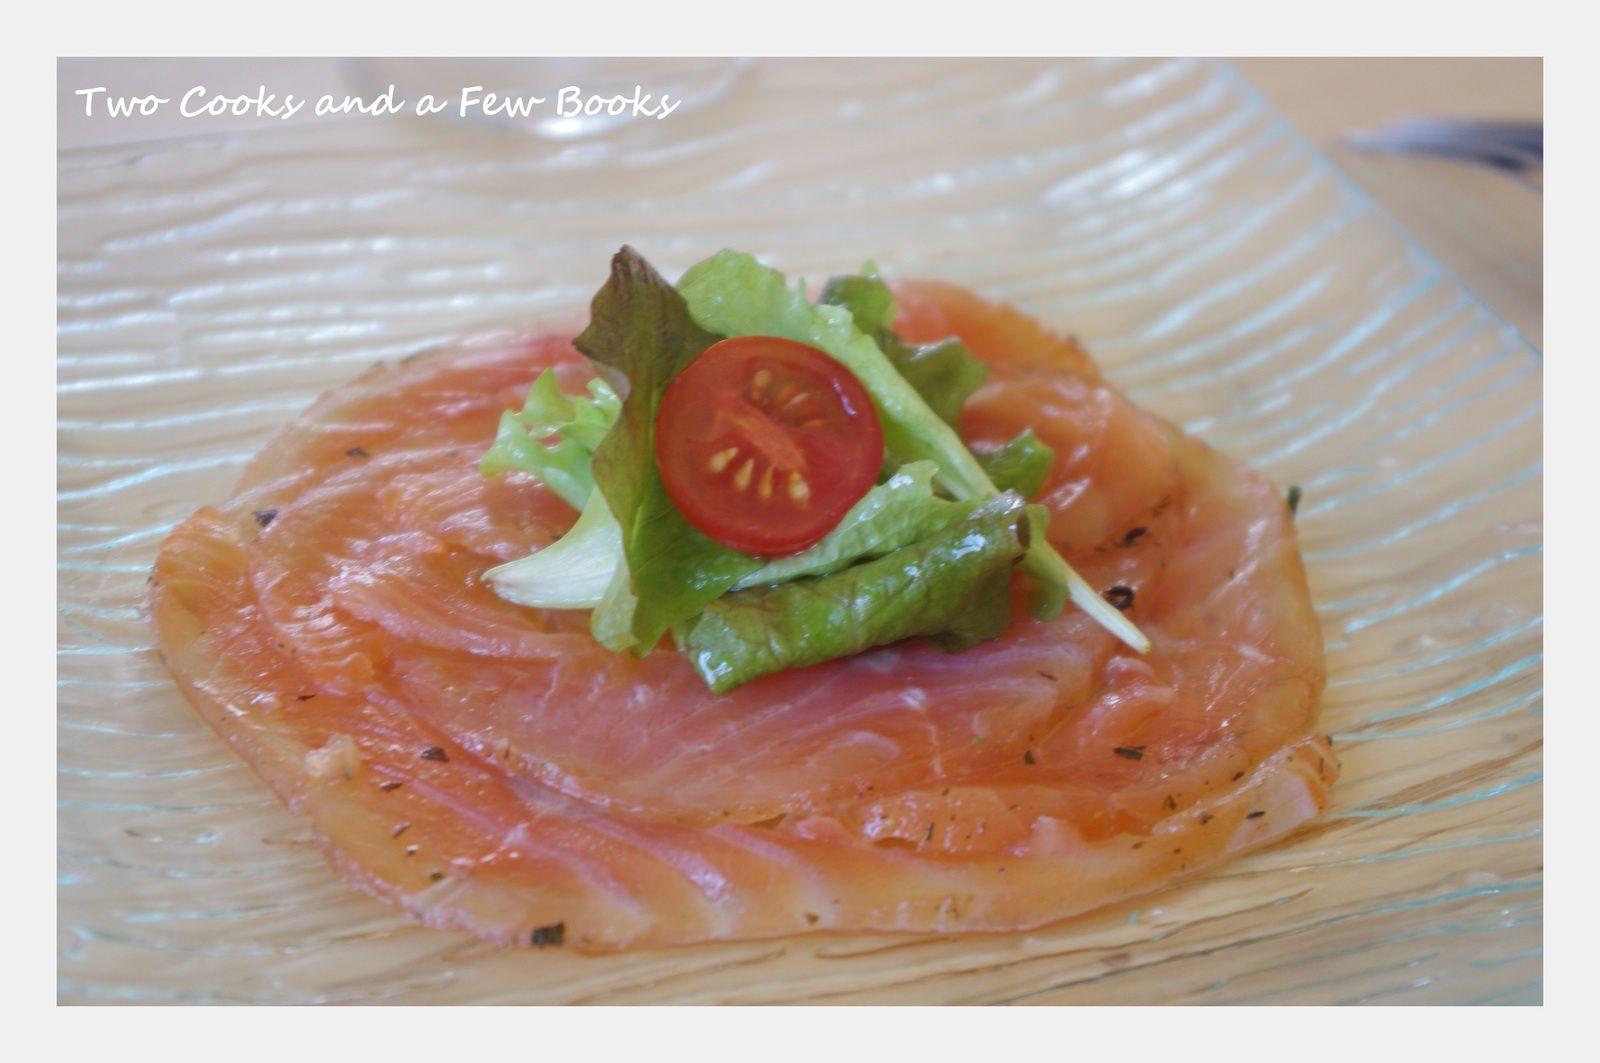 Saumon gravlax à l'aneth et au gingembre, mariné à l'huile d'olive et au citron vert